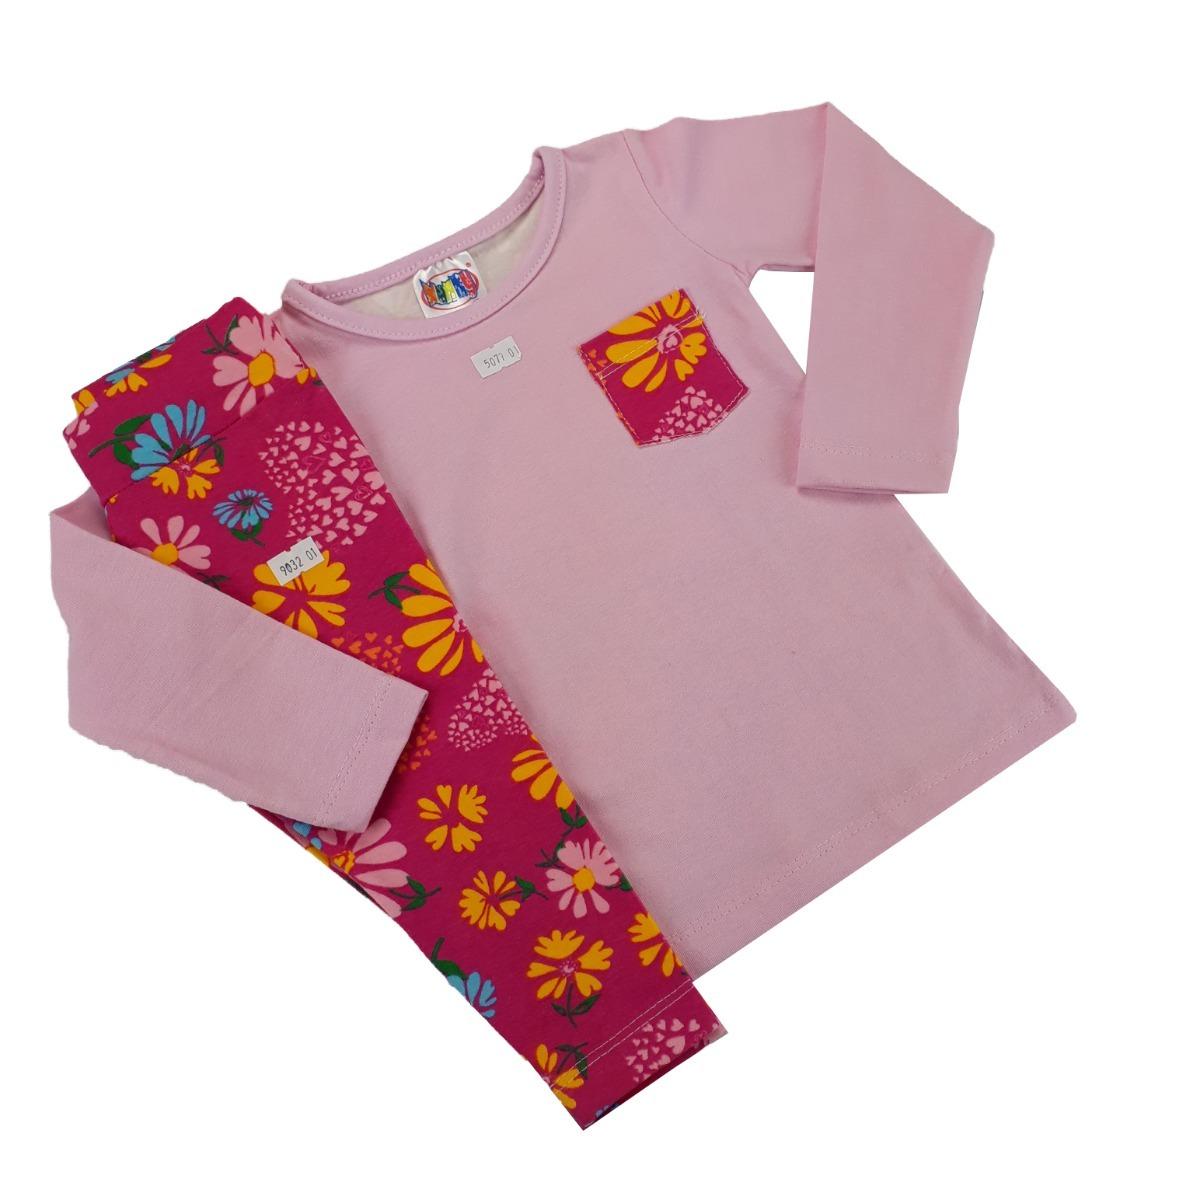 e01e1342c roupas de meninas kit 3 peças conjunto alta qualidade barato. Carregando  zoom.